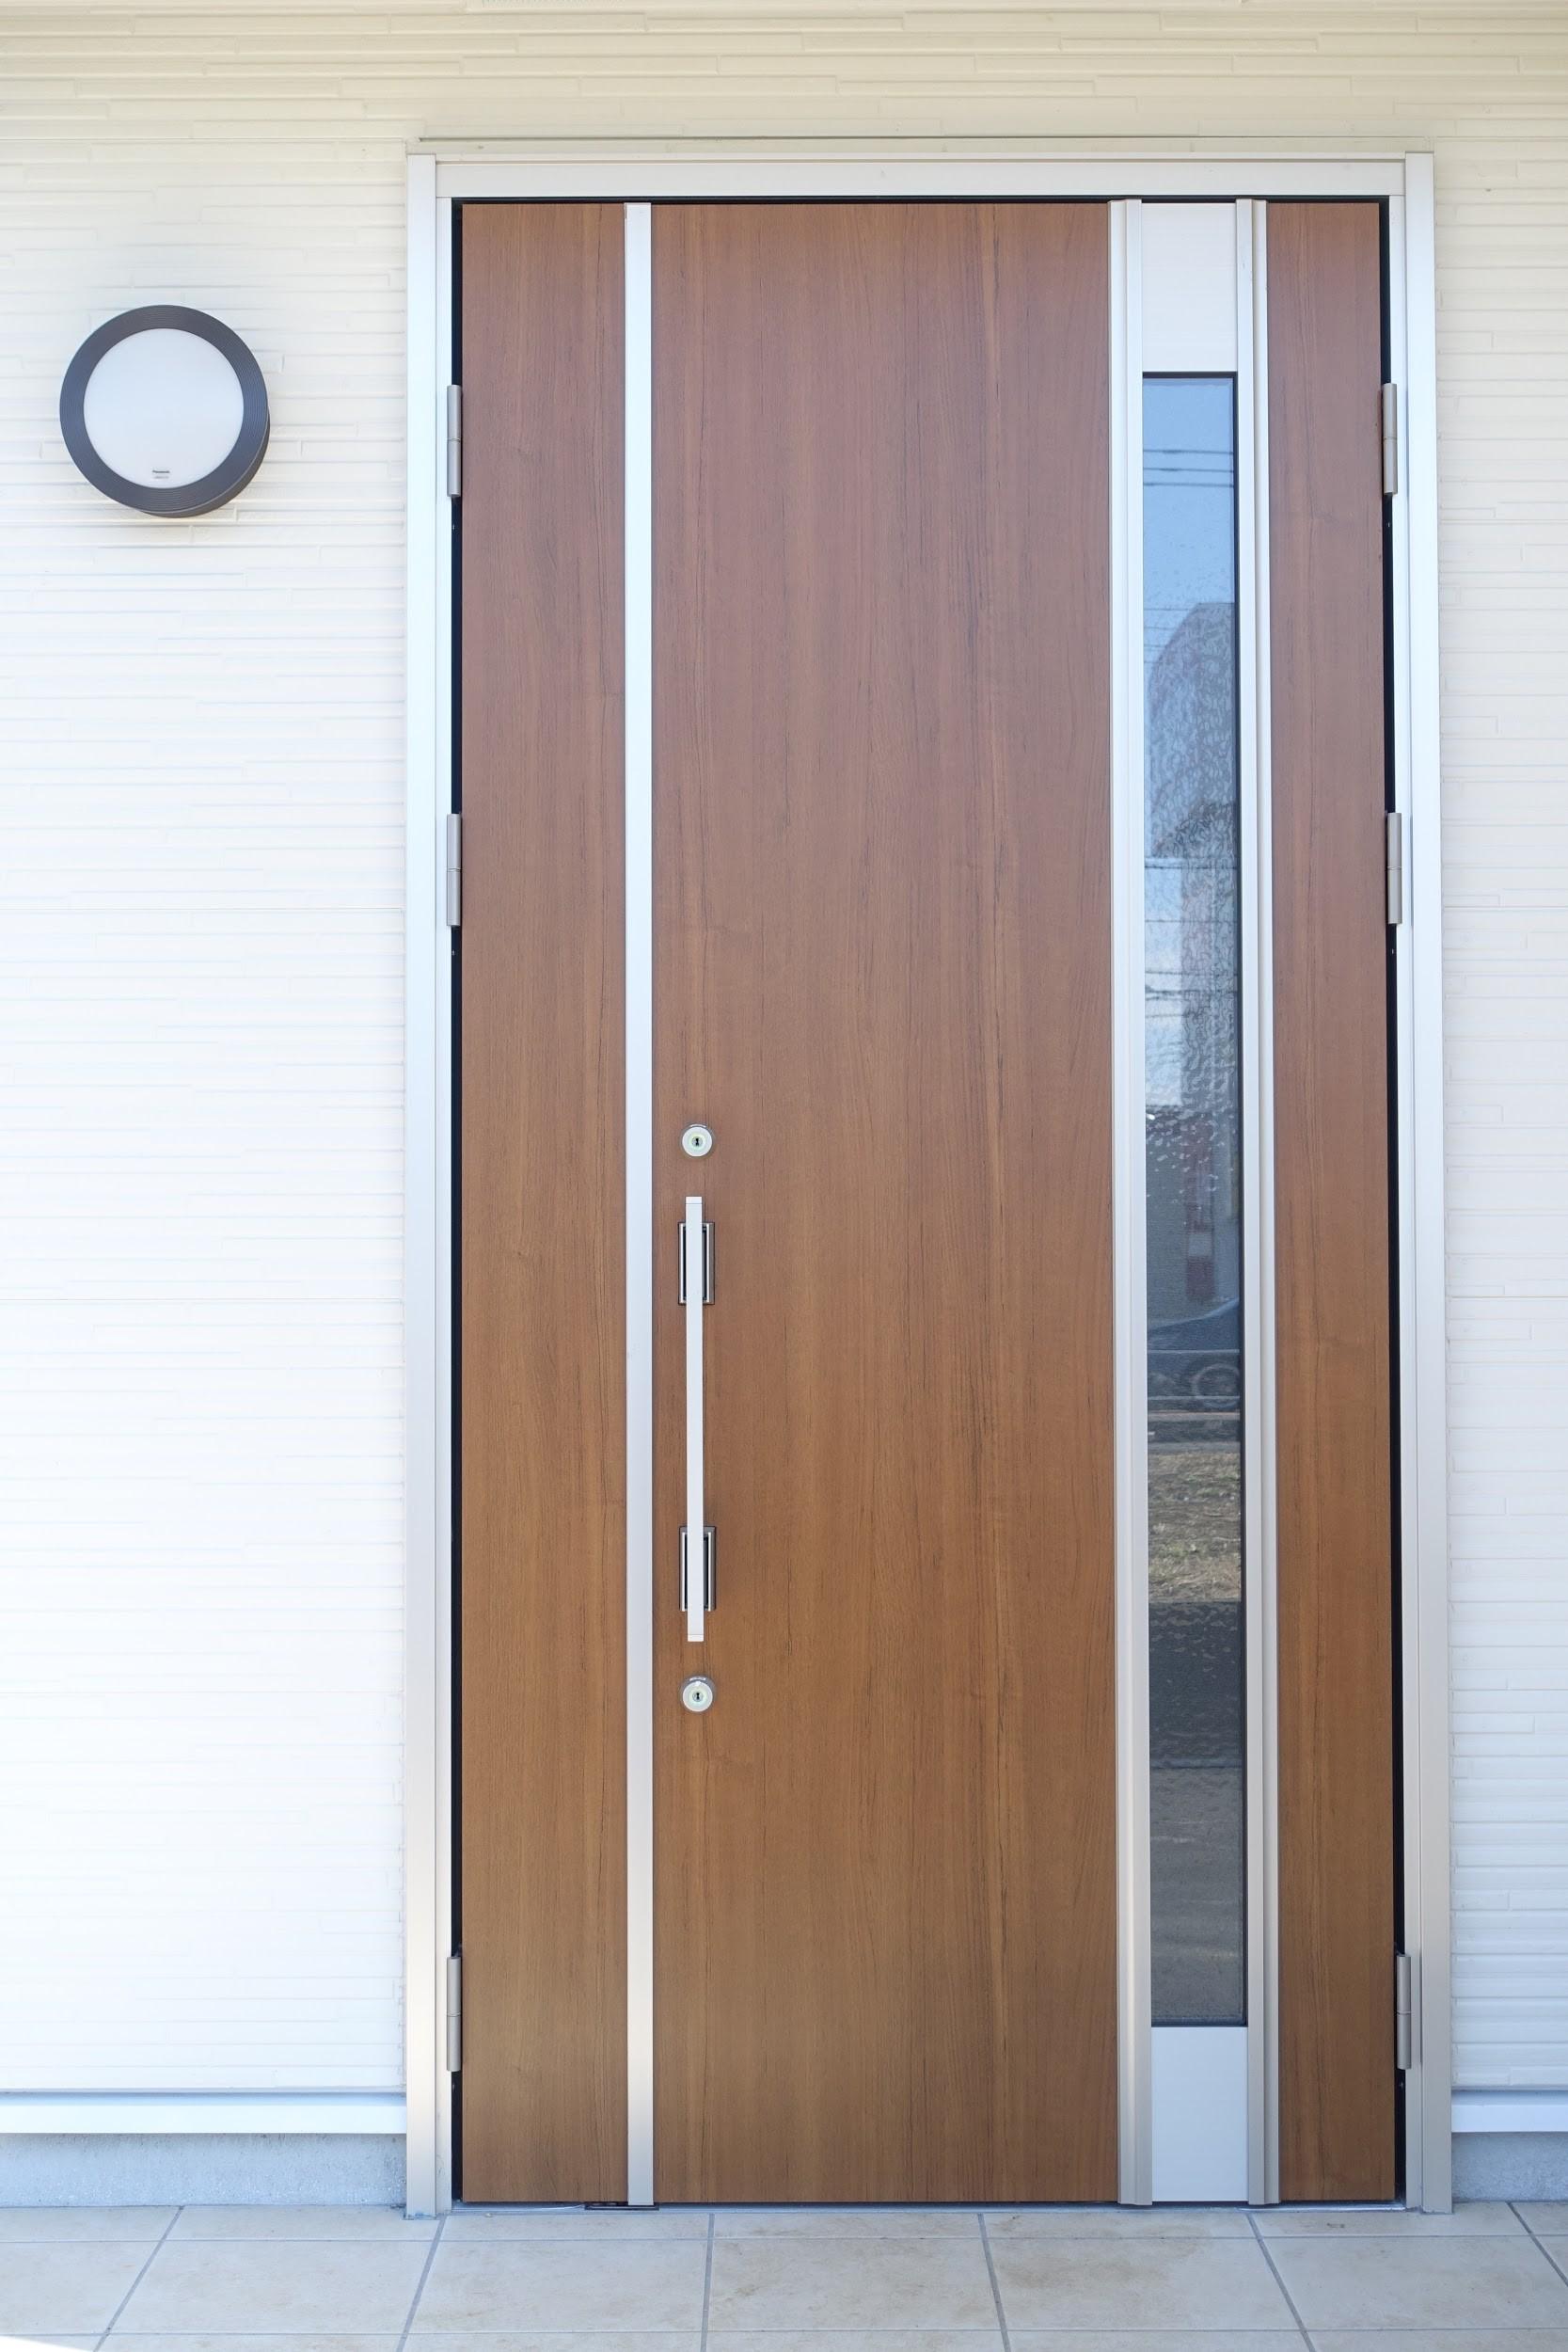 ドアのdiy完全カタログ 簡単リメイクからドアの作り方まで完全網羅 ゼロ円 雨樋修理 屋根リフォーム 雨漏り対策の 修復ラボ